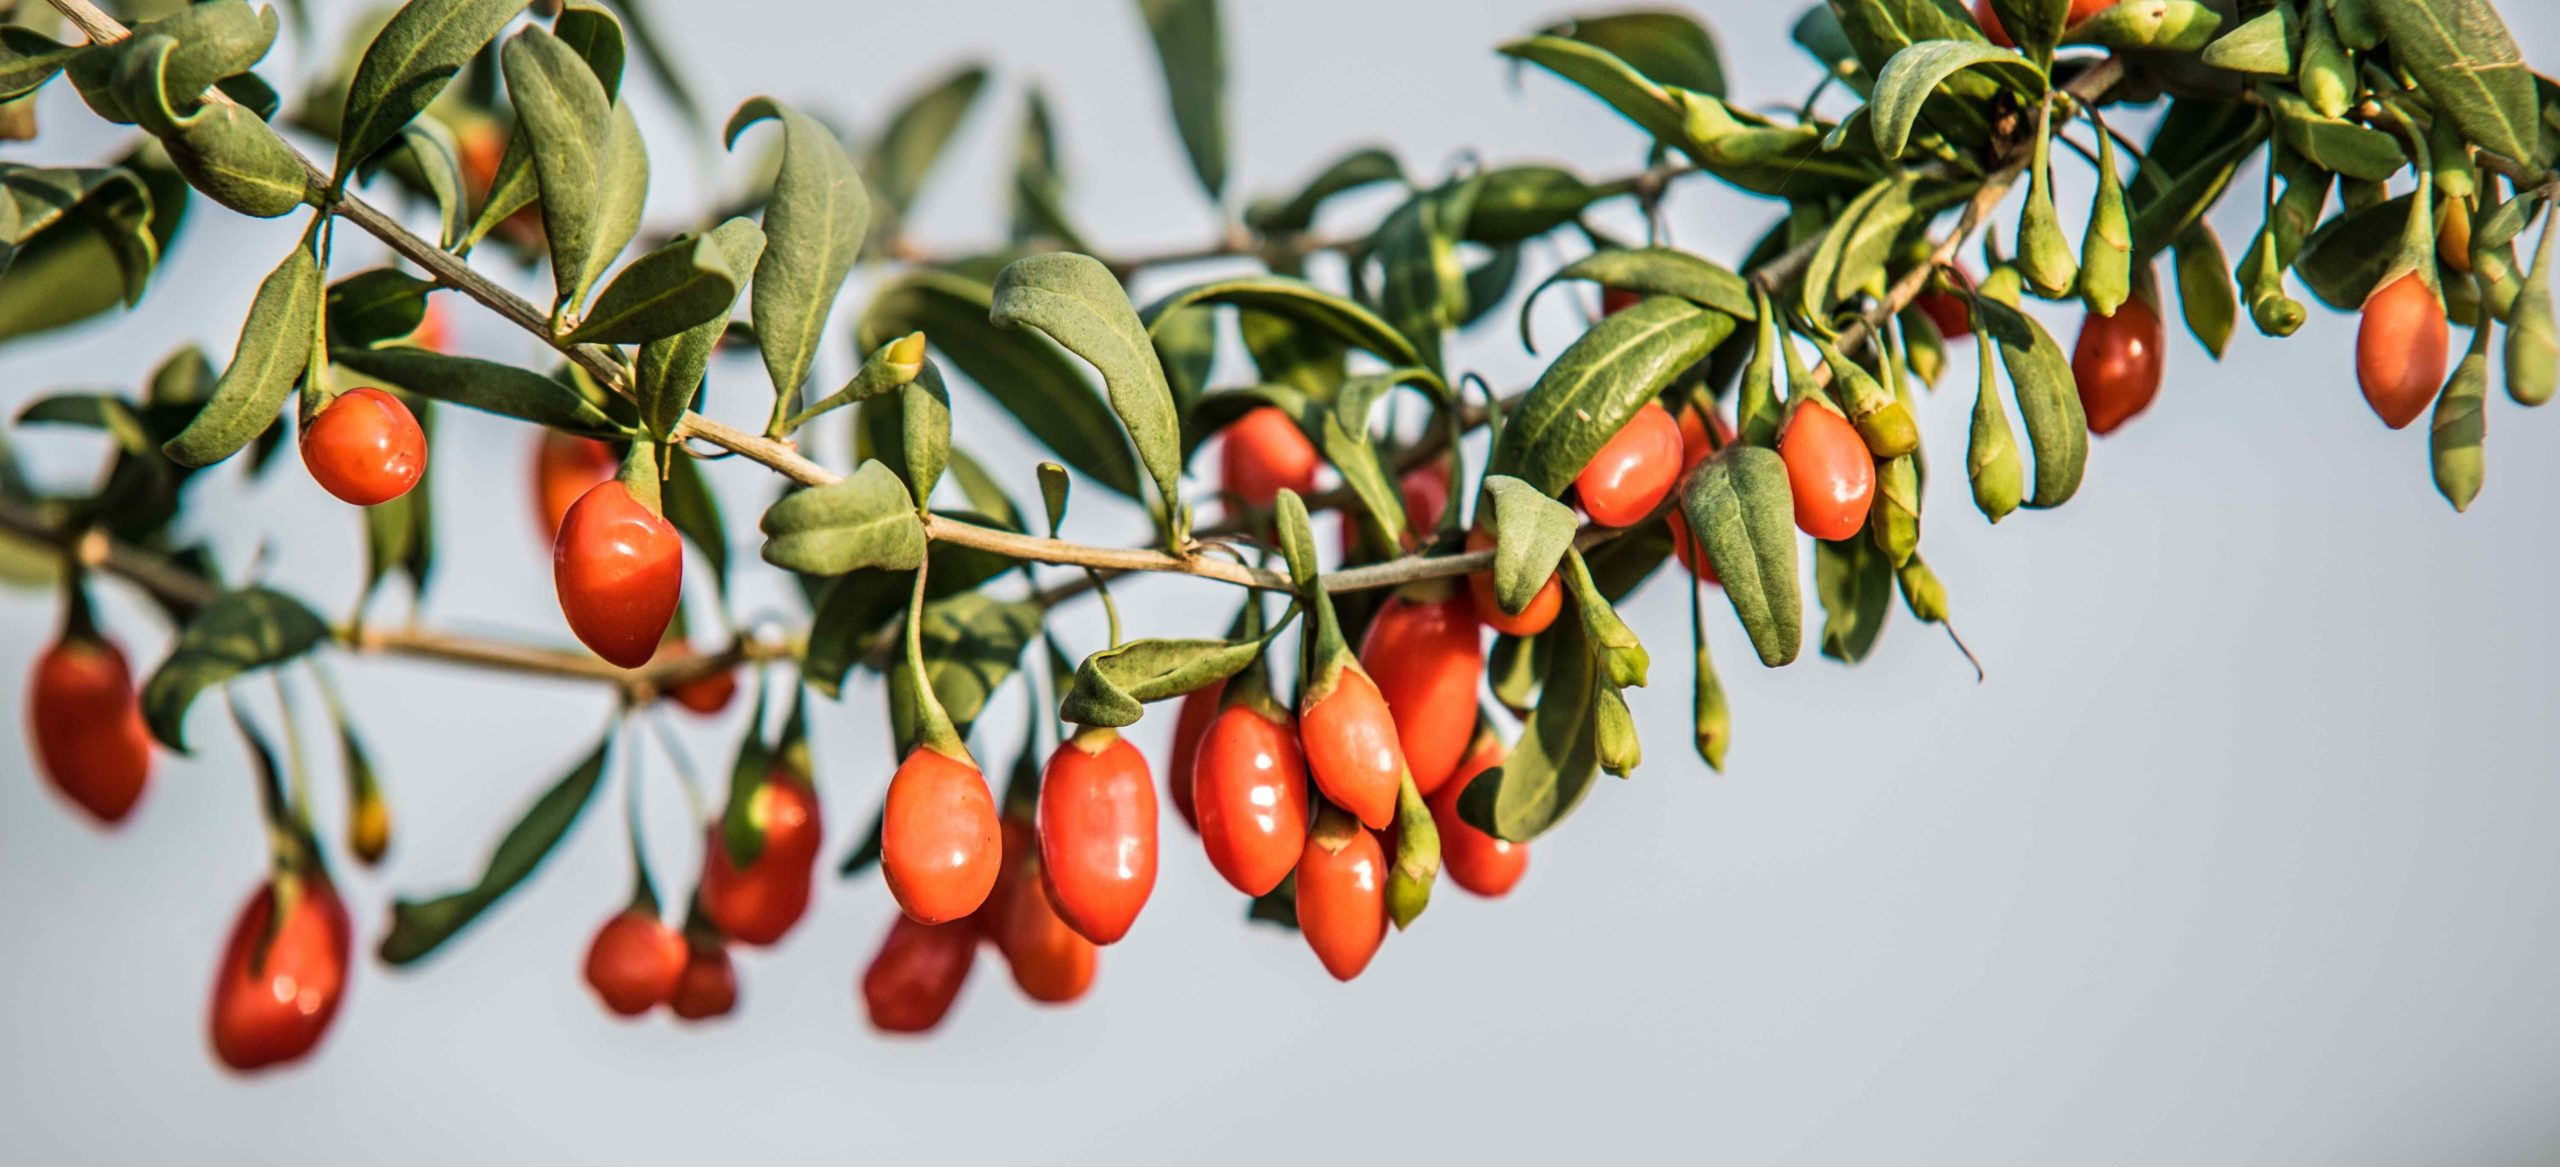 Полезные свойства и применение барбариса